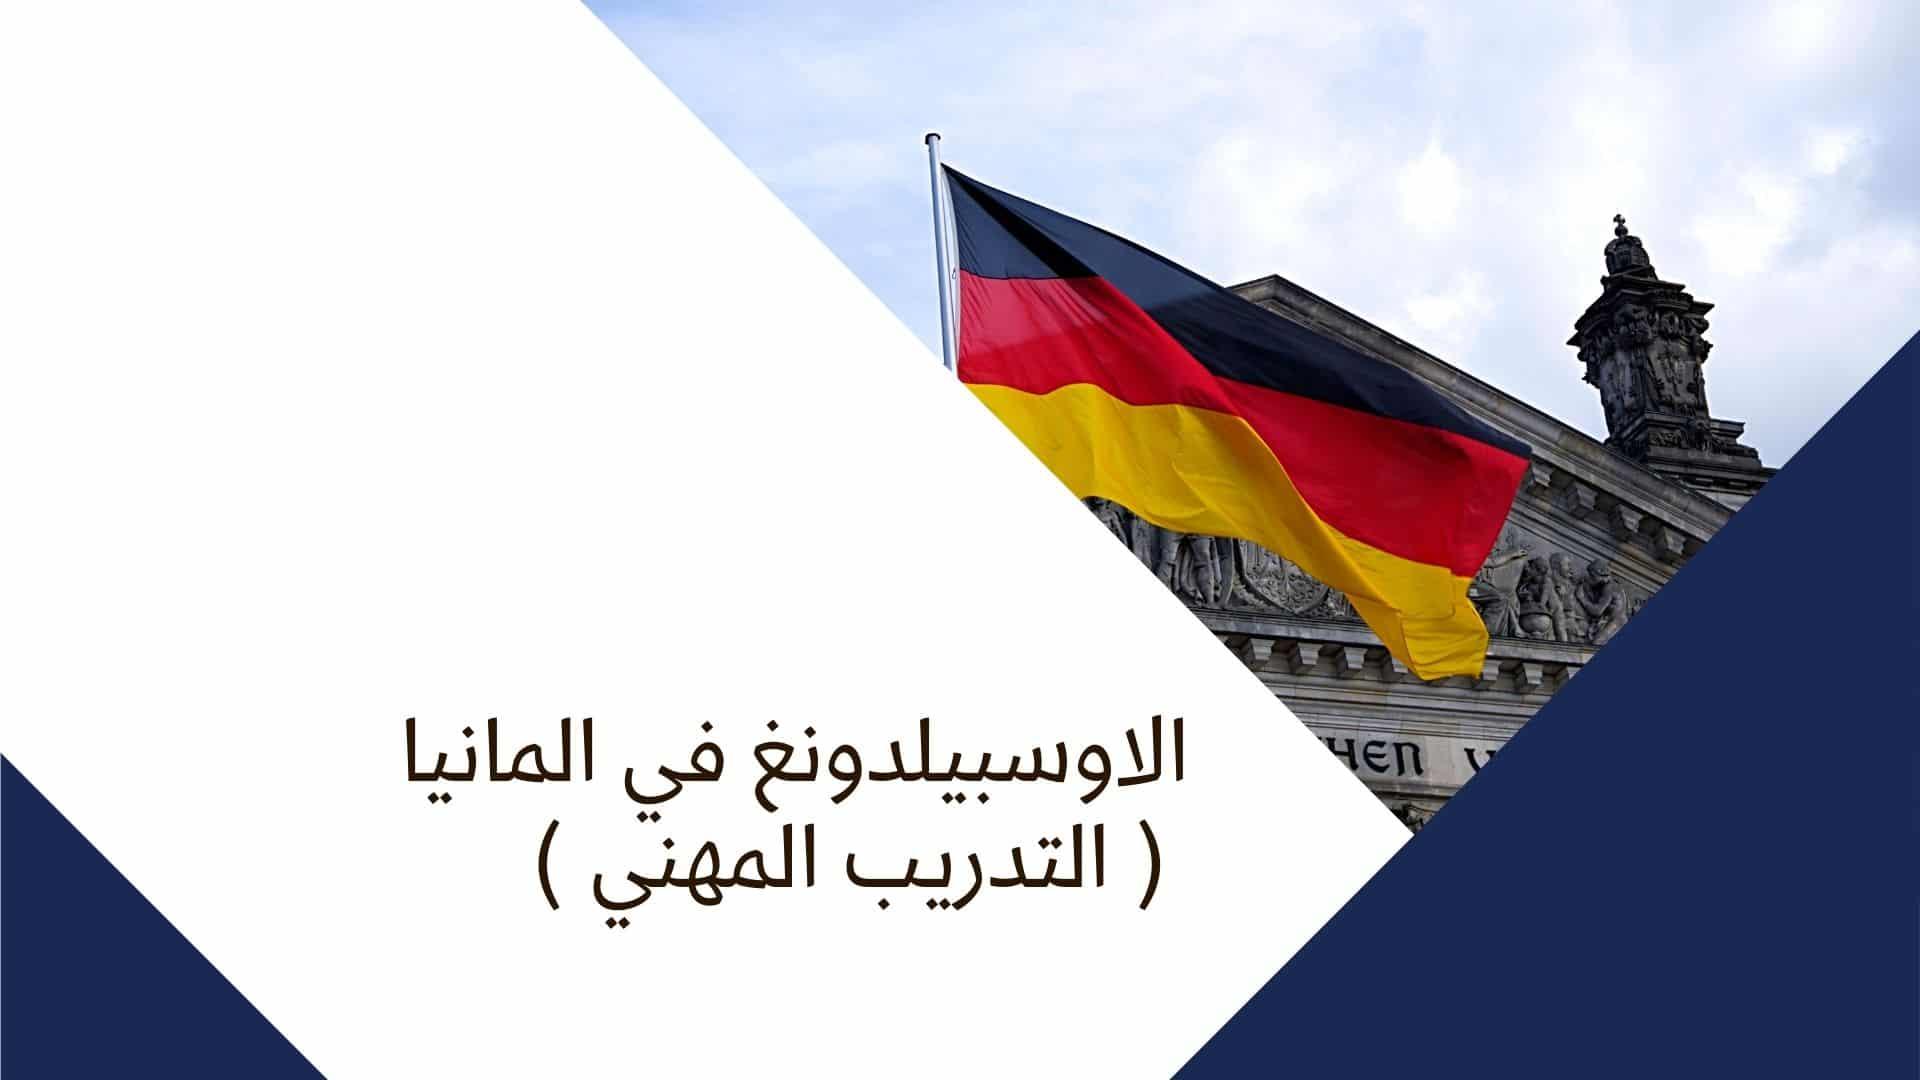 الاوسبيلدونغ في المانيا 2021  | التدريب المهني